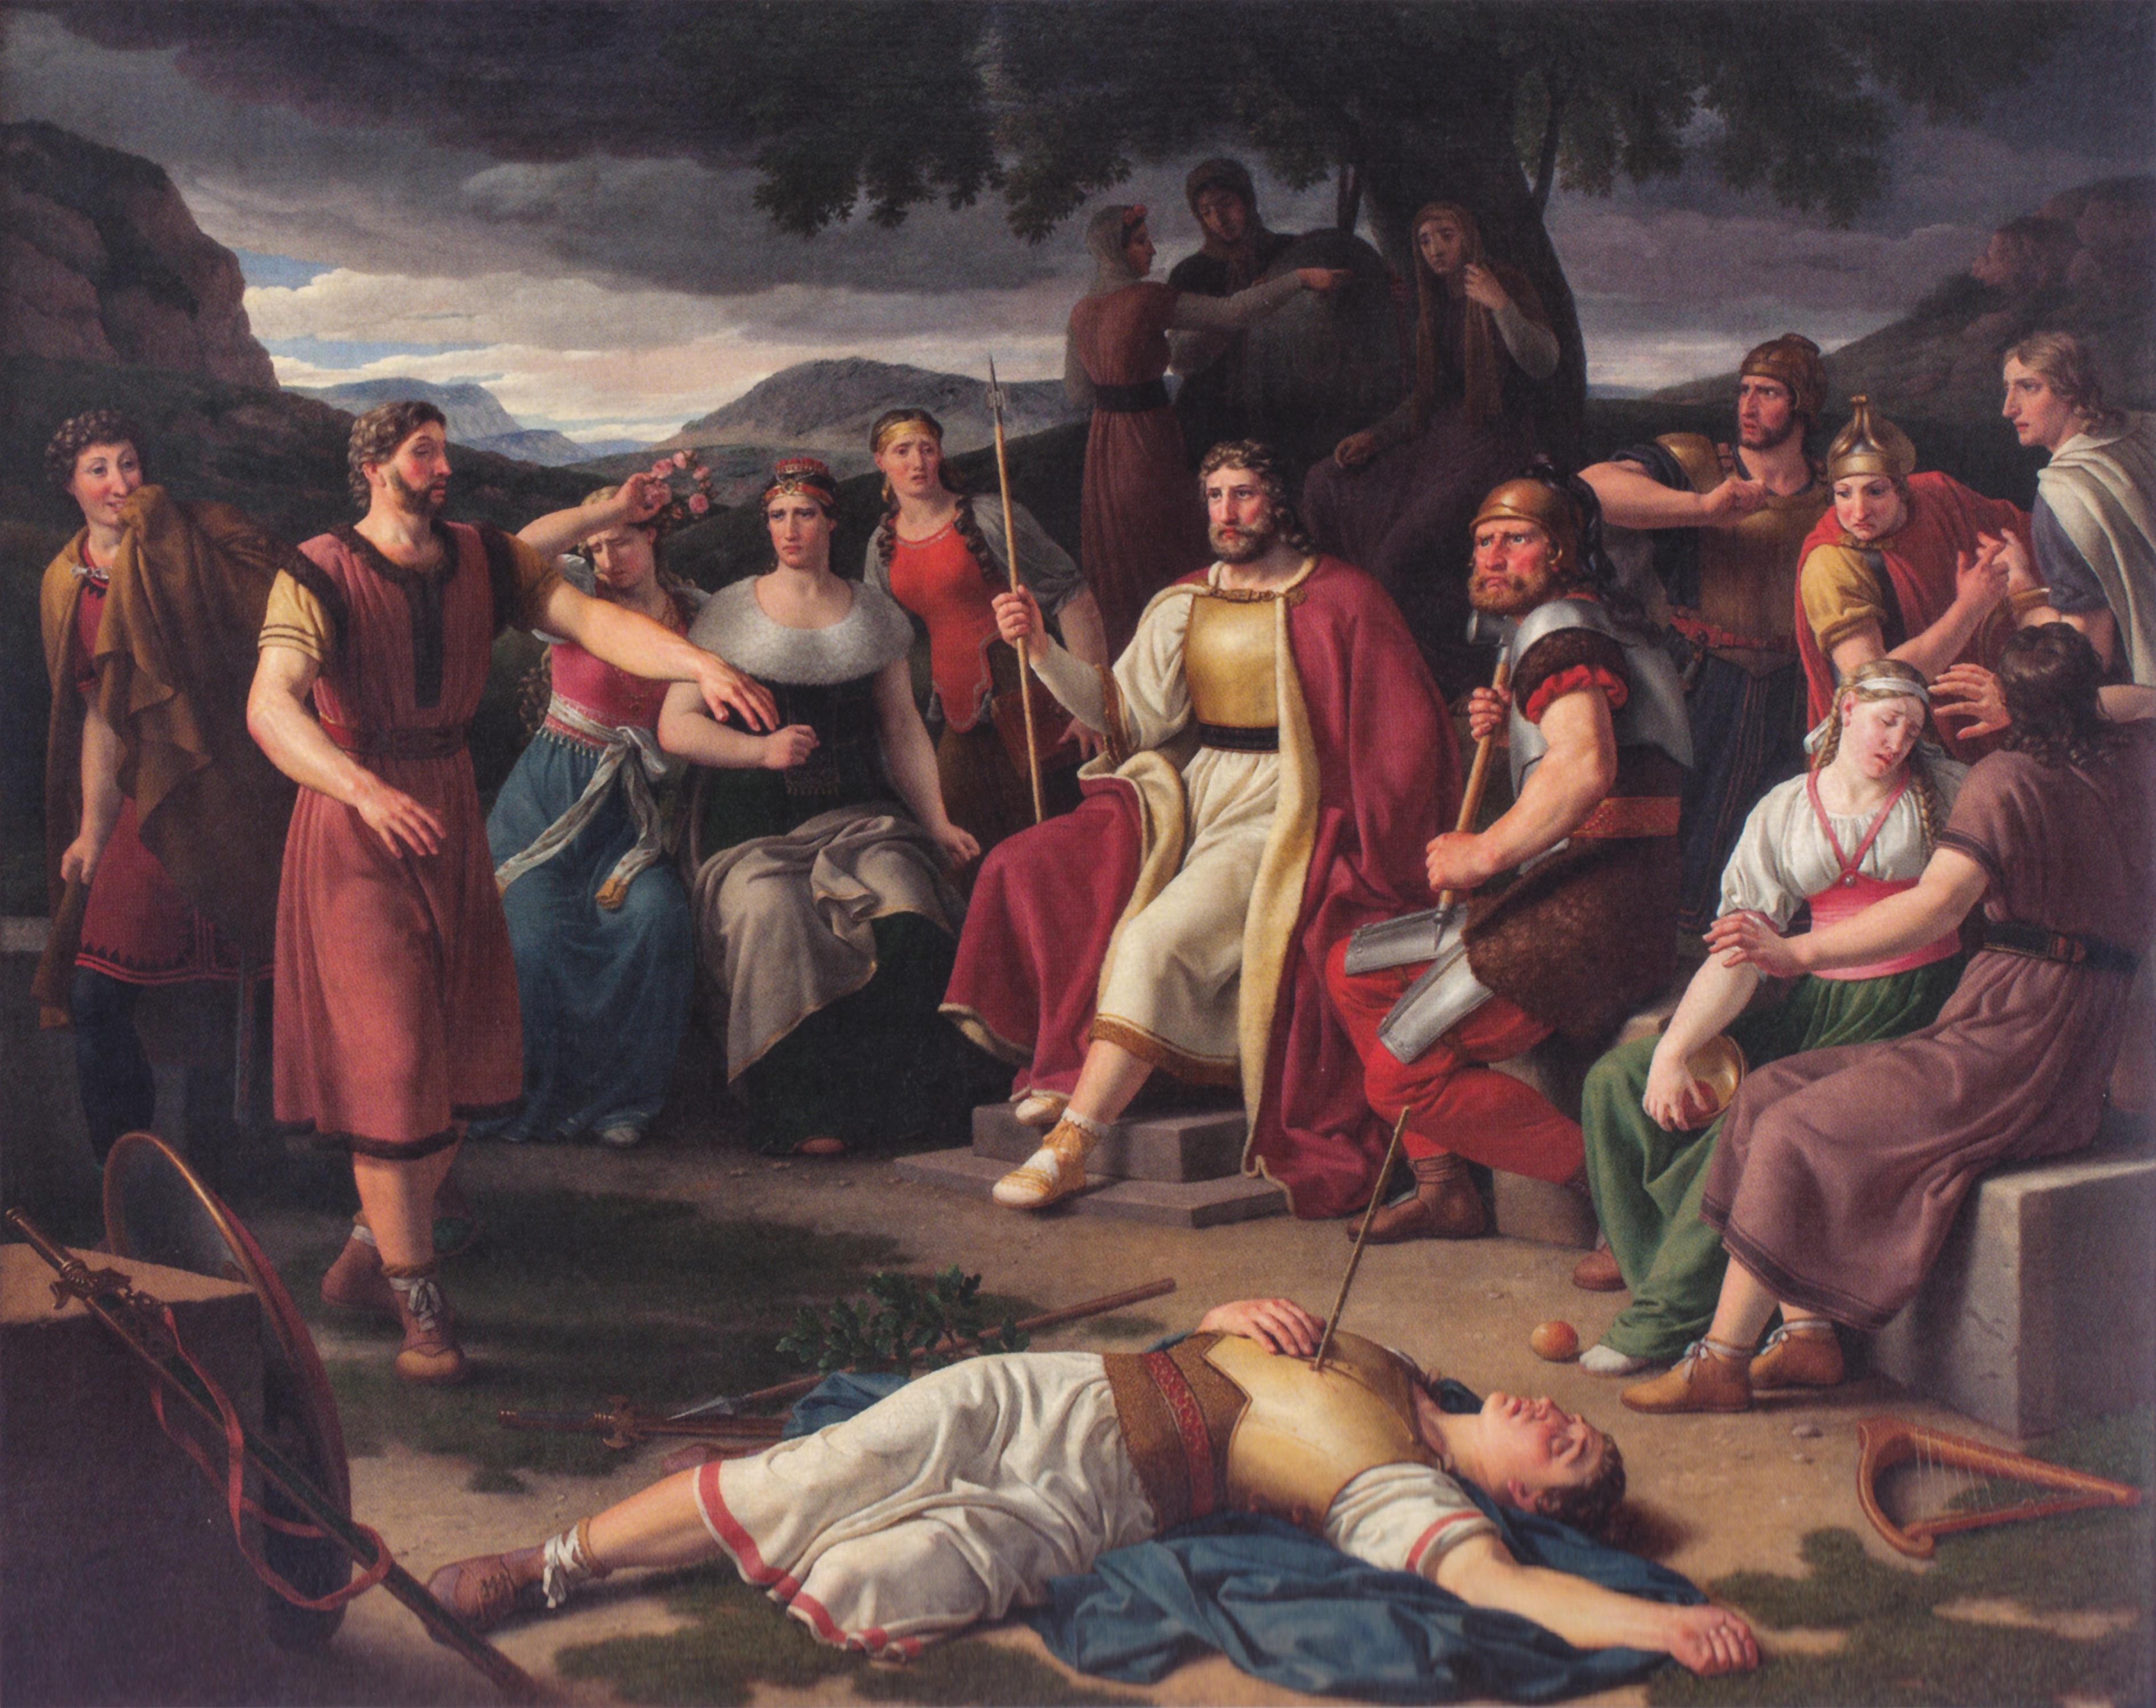 Baldr | Mythology Wiki | FANDOM powered by Wikia